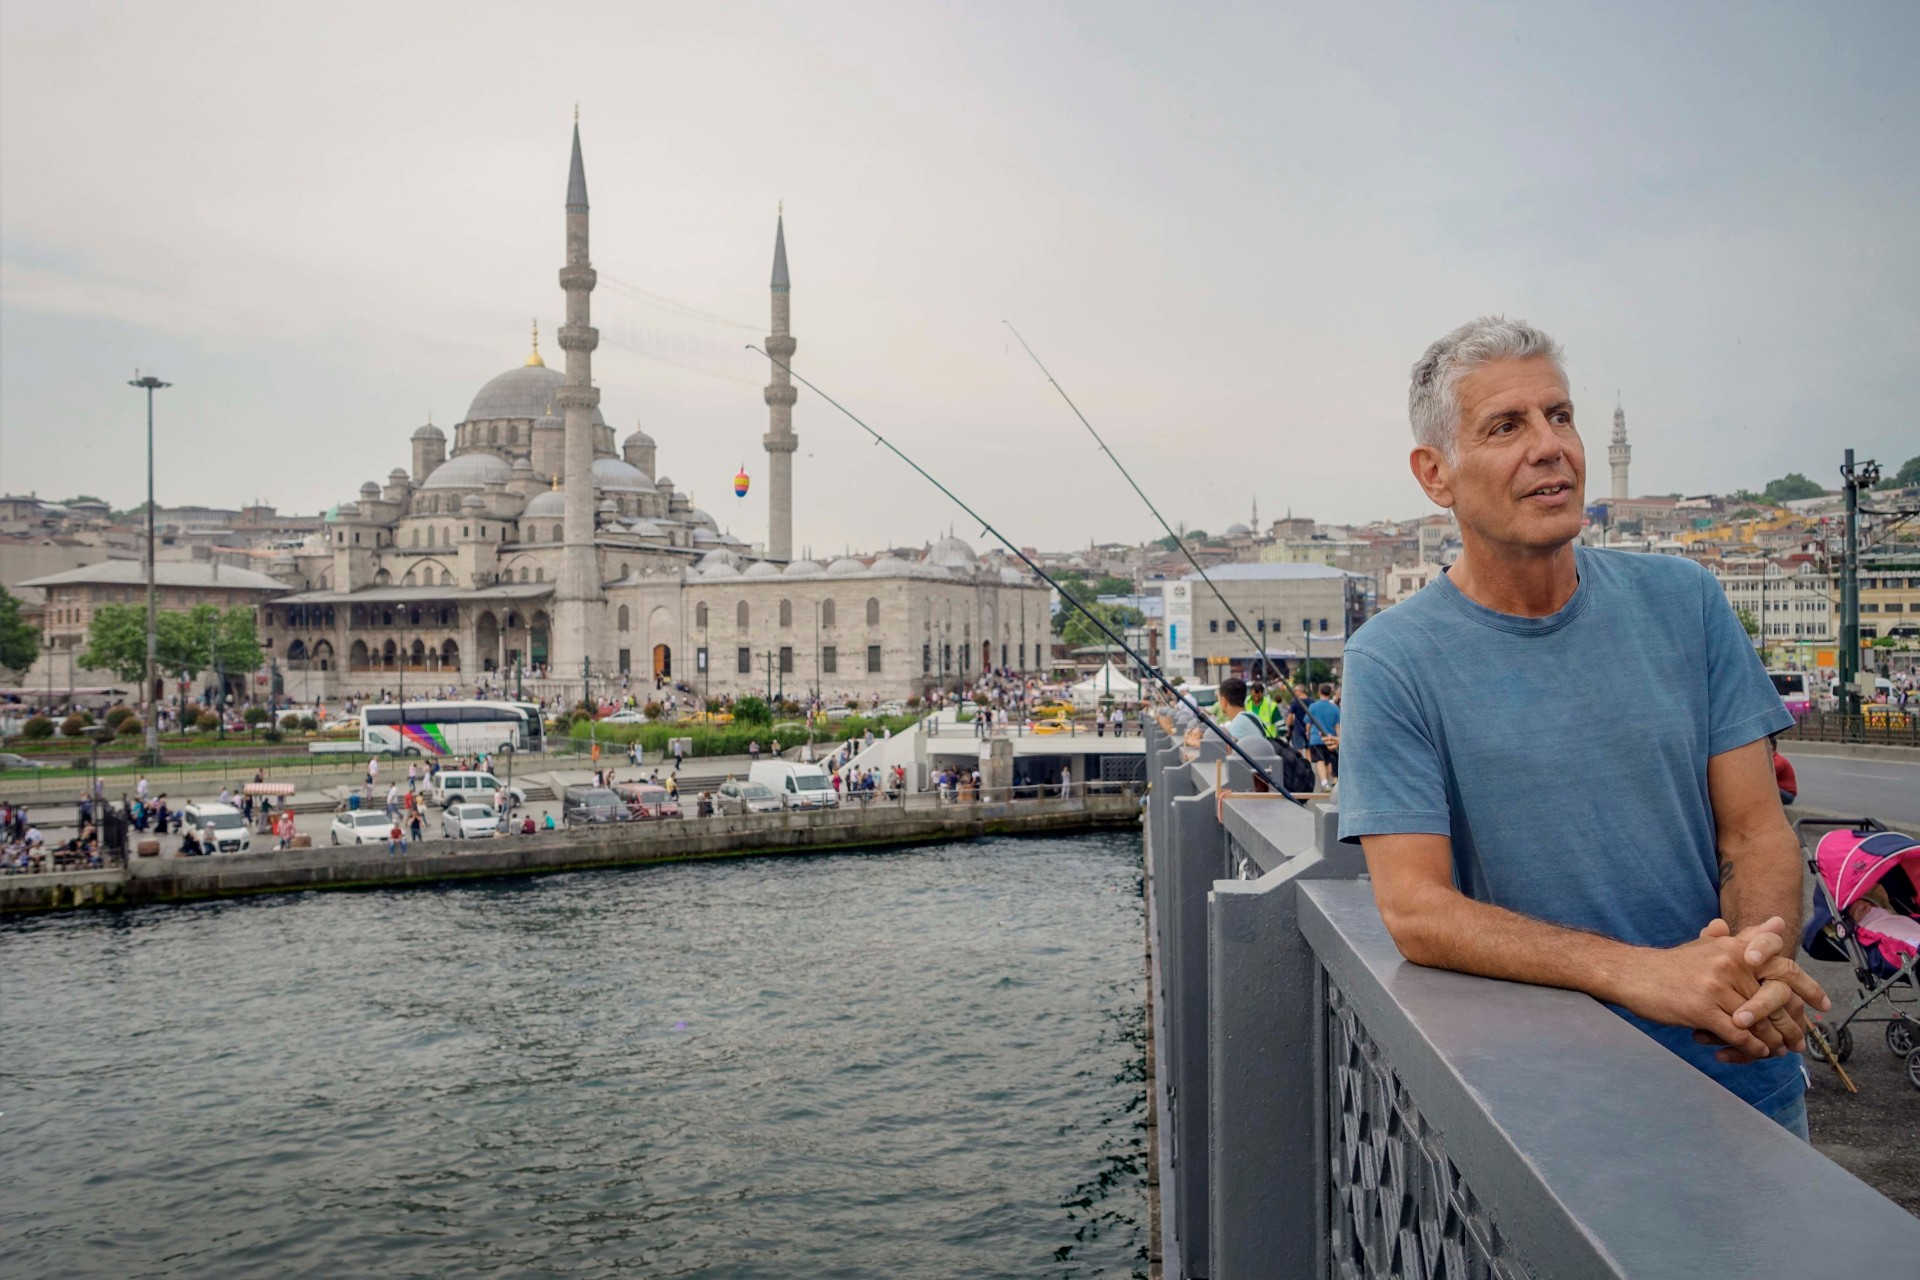 Em Istambul, Anthony Bourdain prova da culinária e se aventura pela cidade